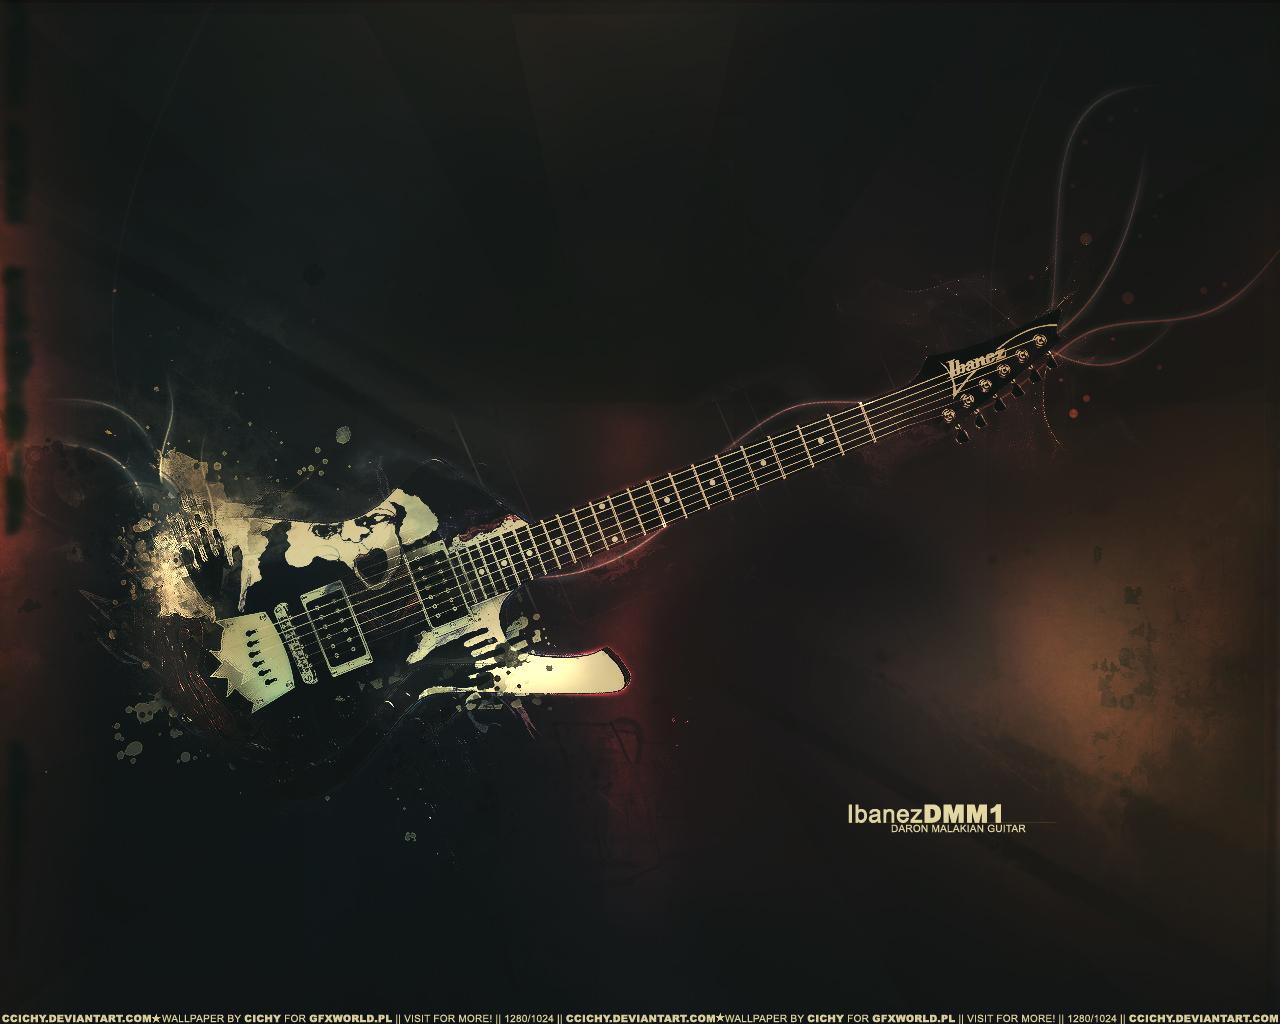 The best guitar wallpaper